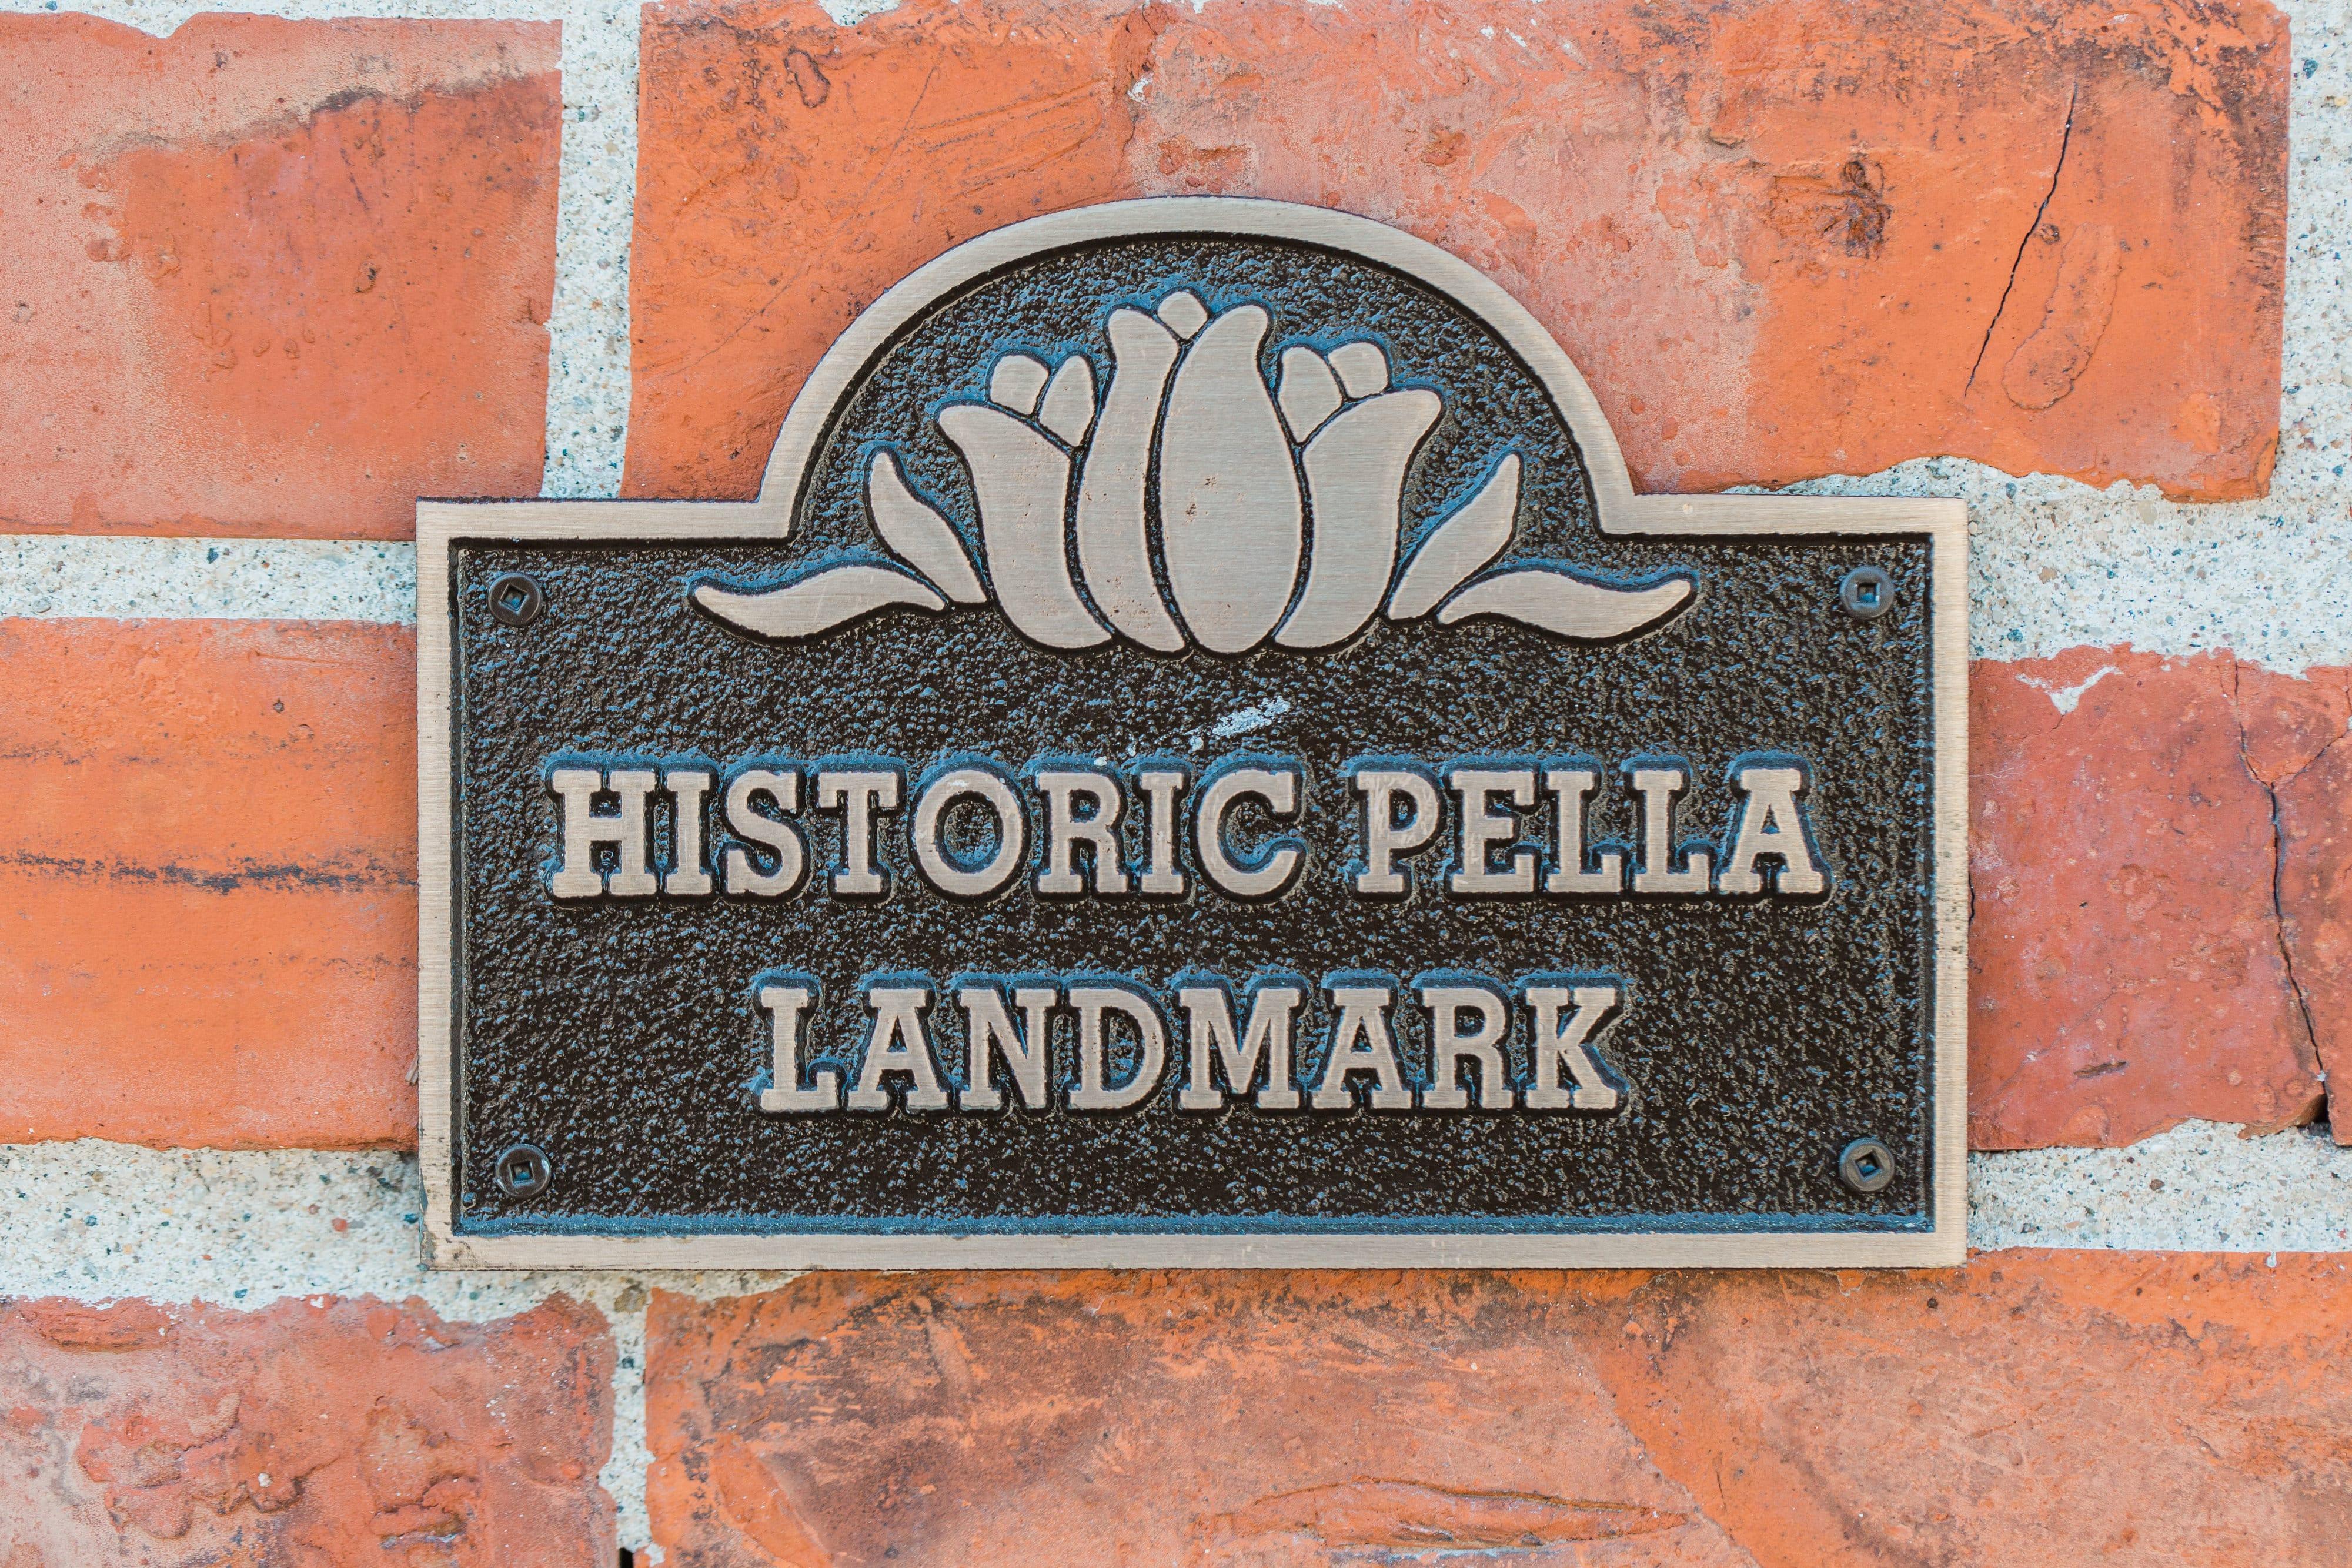 Historic Pella Landmark